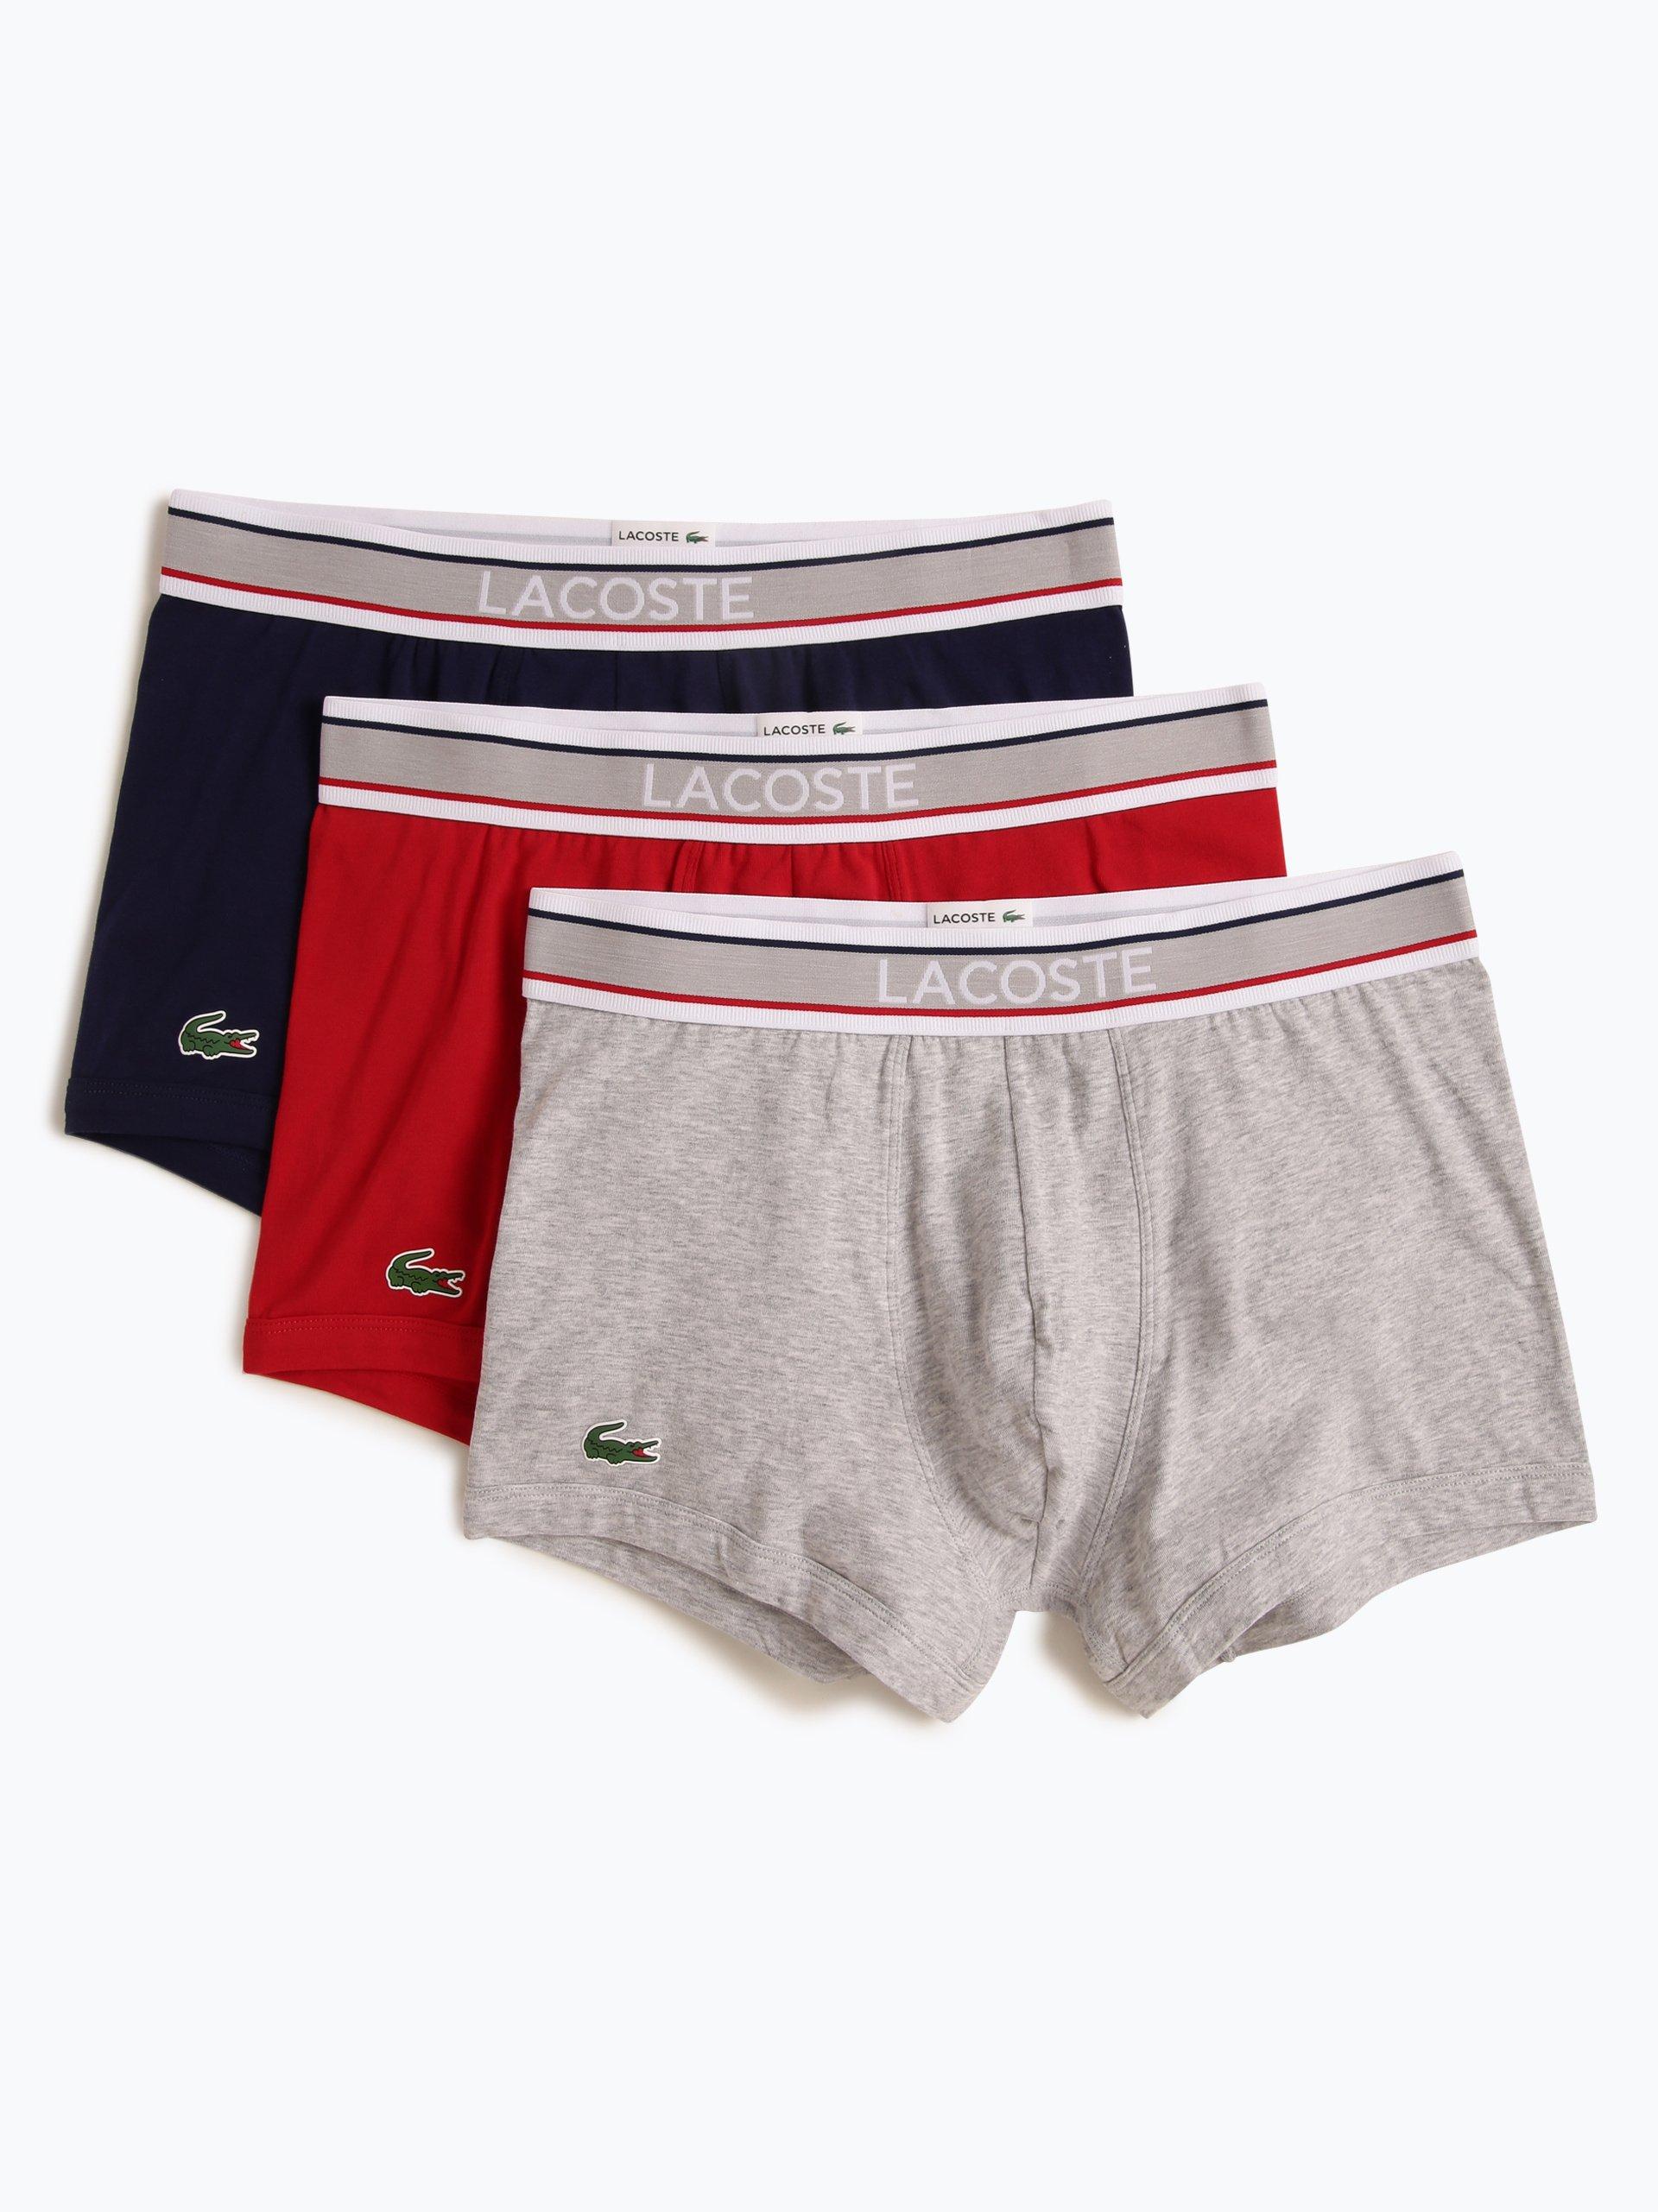 Lacoste Herren Pants im 3er-Pack